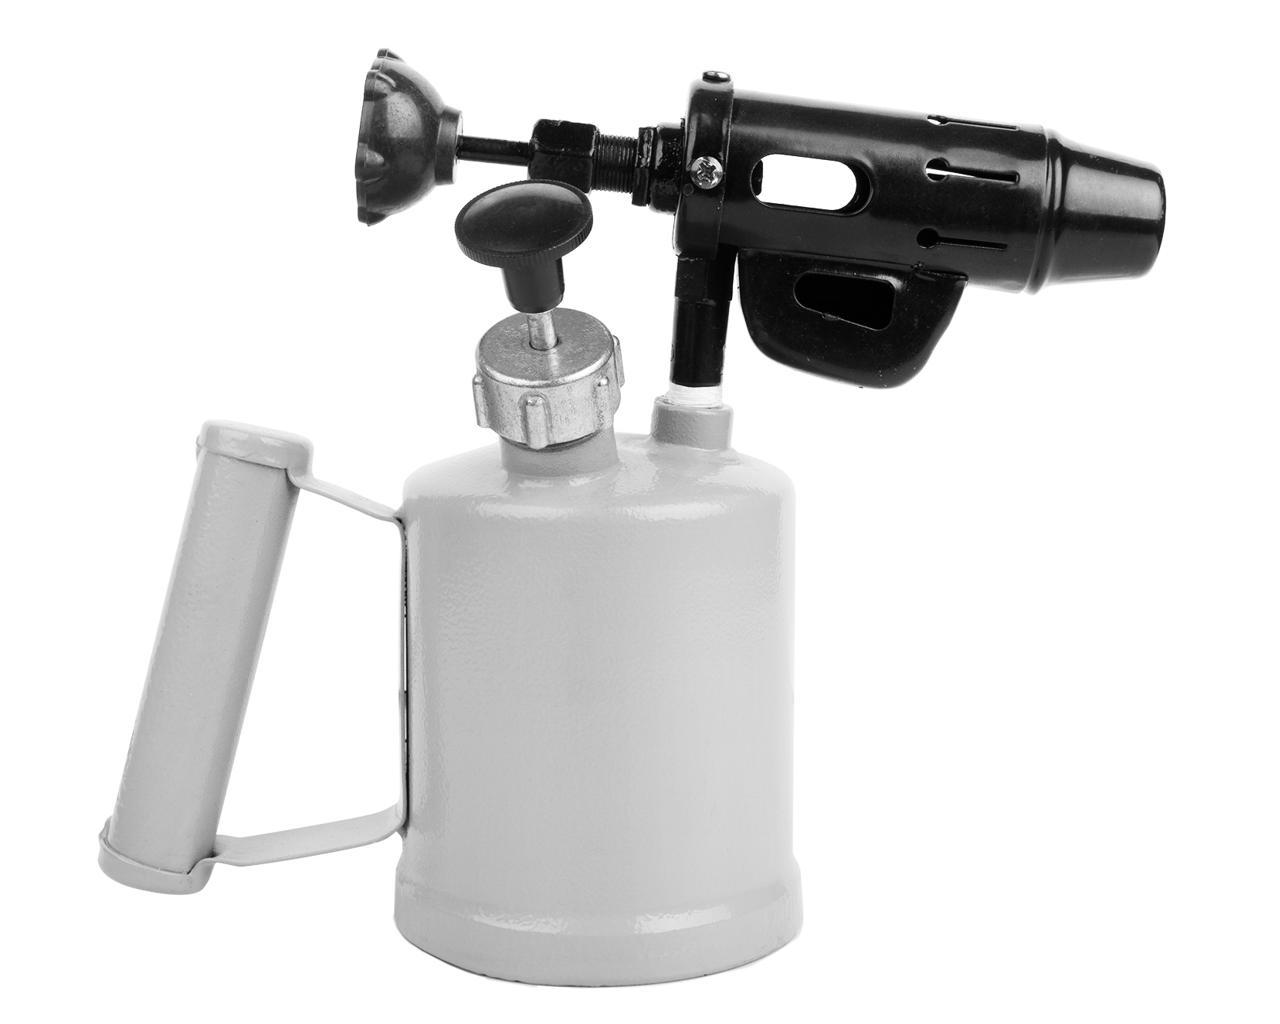 Паяльная лампа Россия 1,0 л упаковка полиэтилен